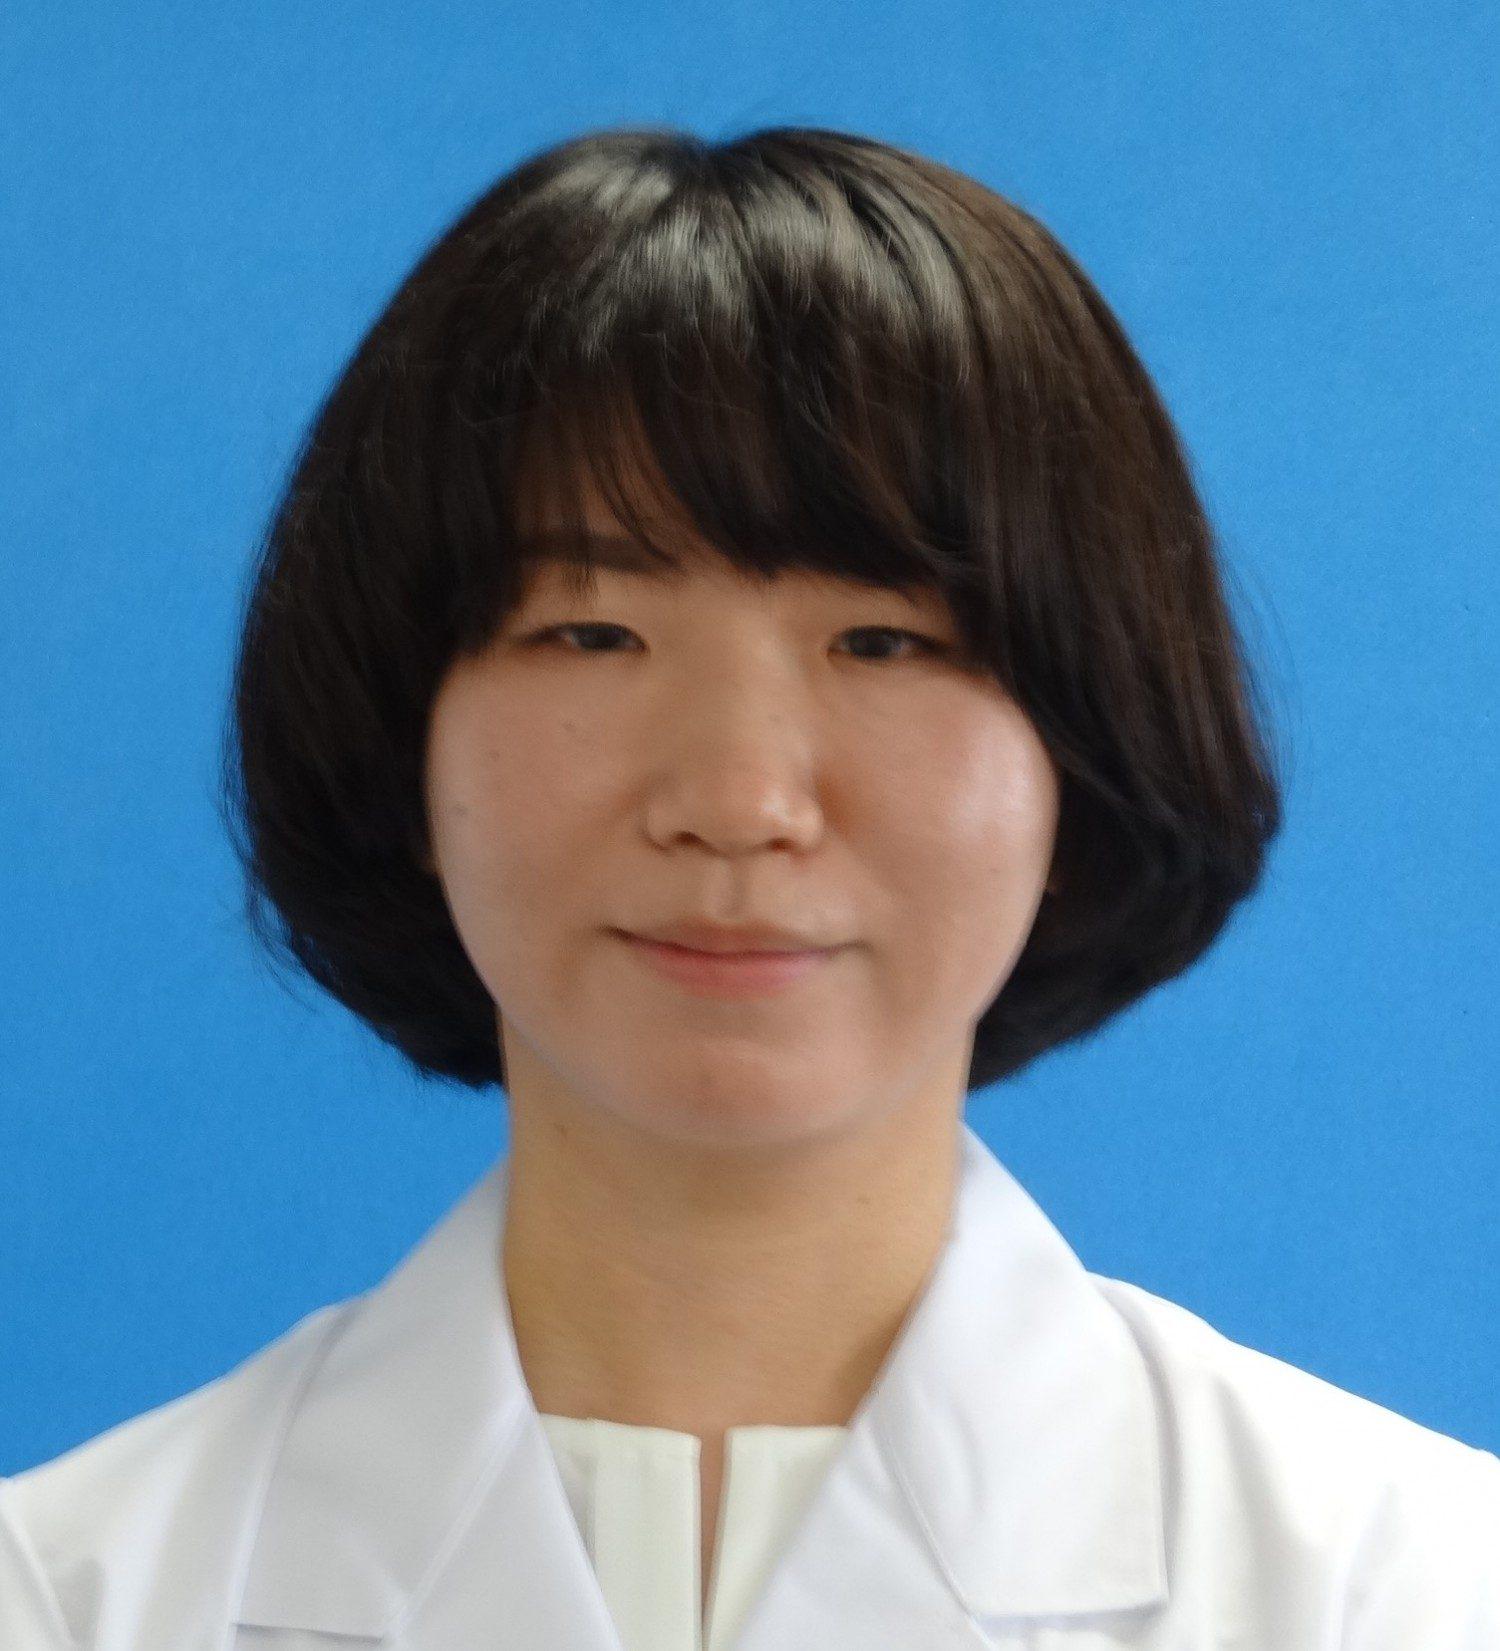 上田 陽子